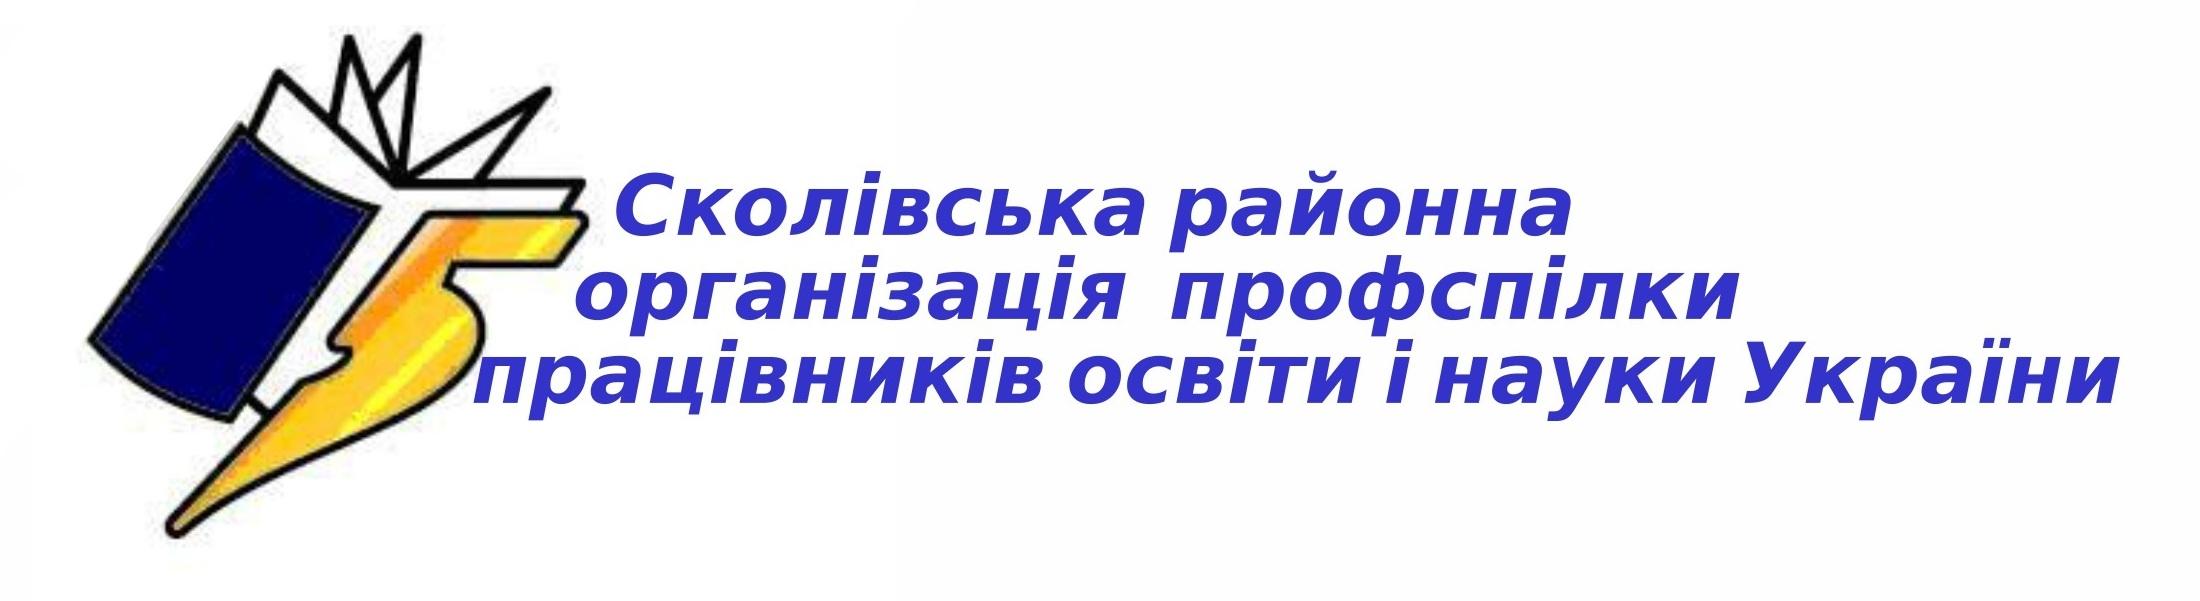 Сколівська районна організація профспілки працівників освіти і науки України